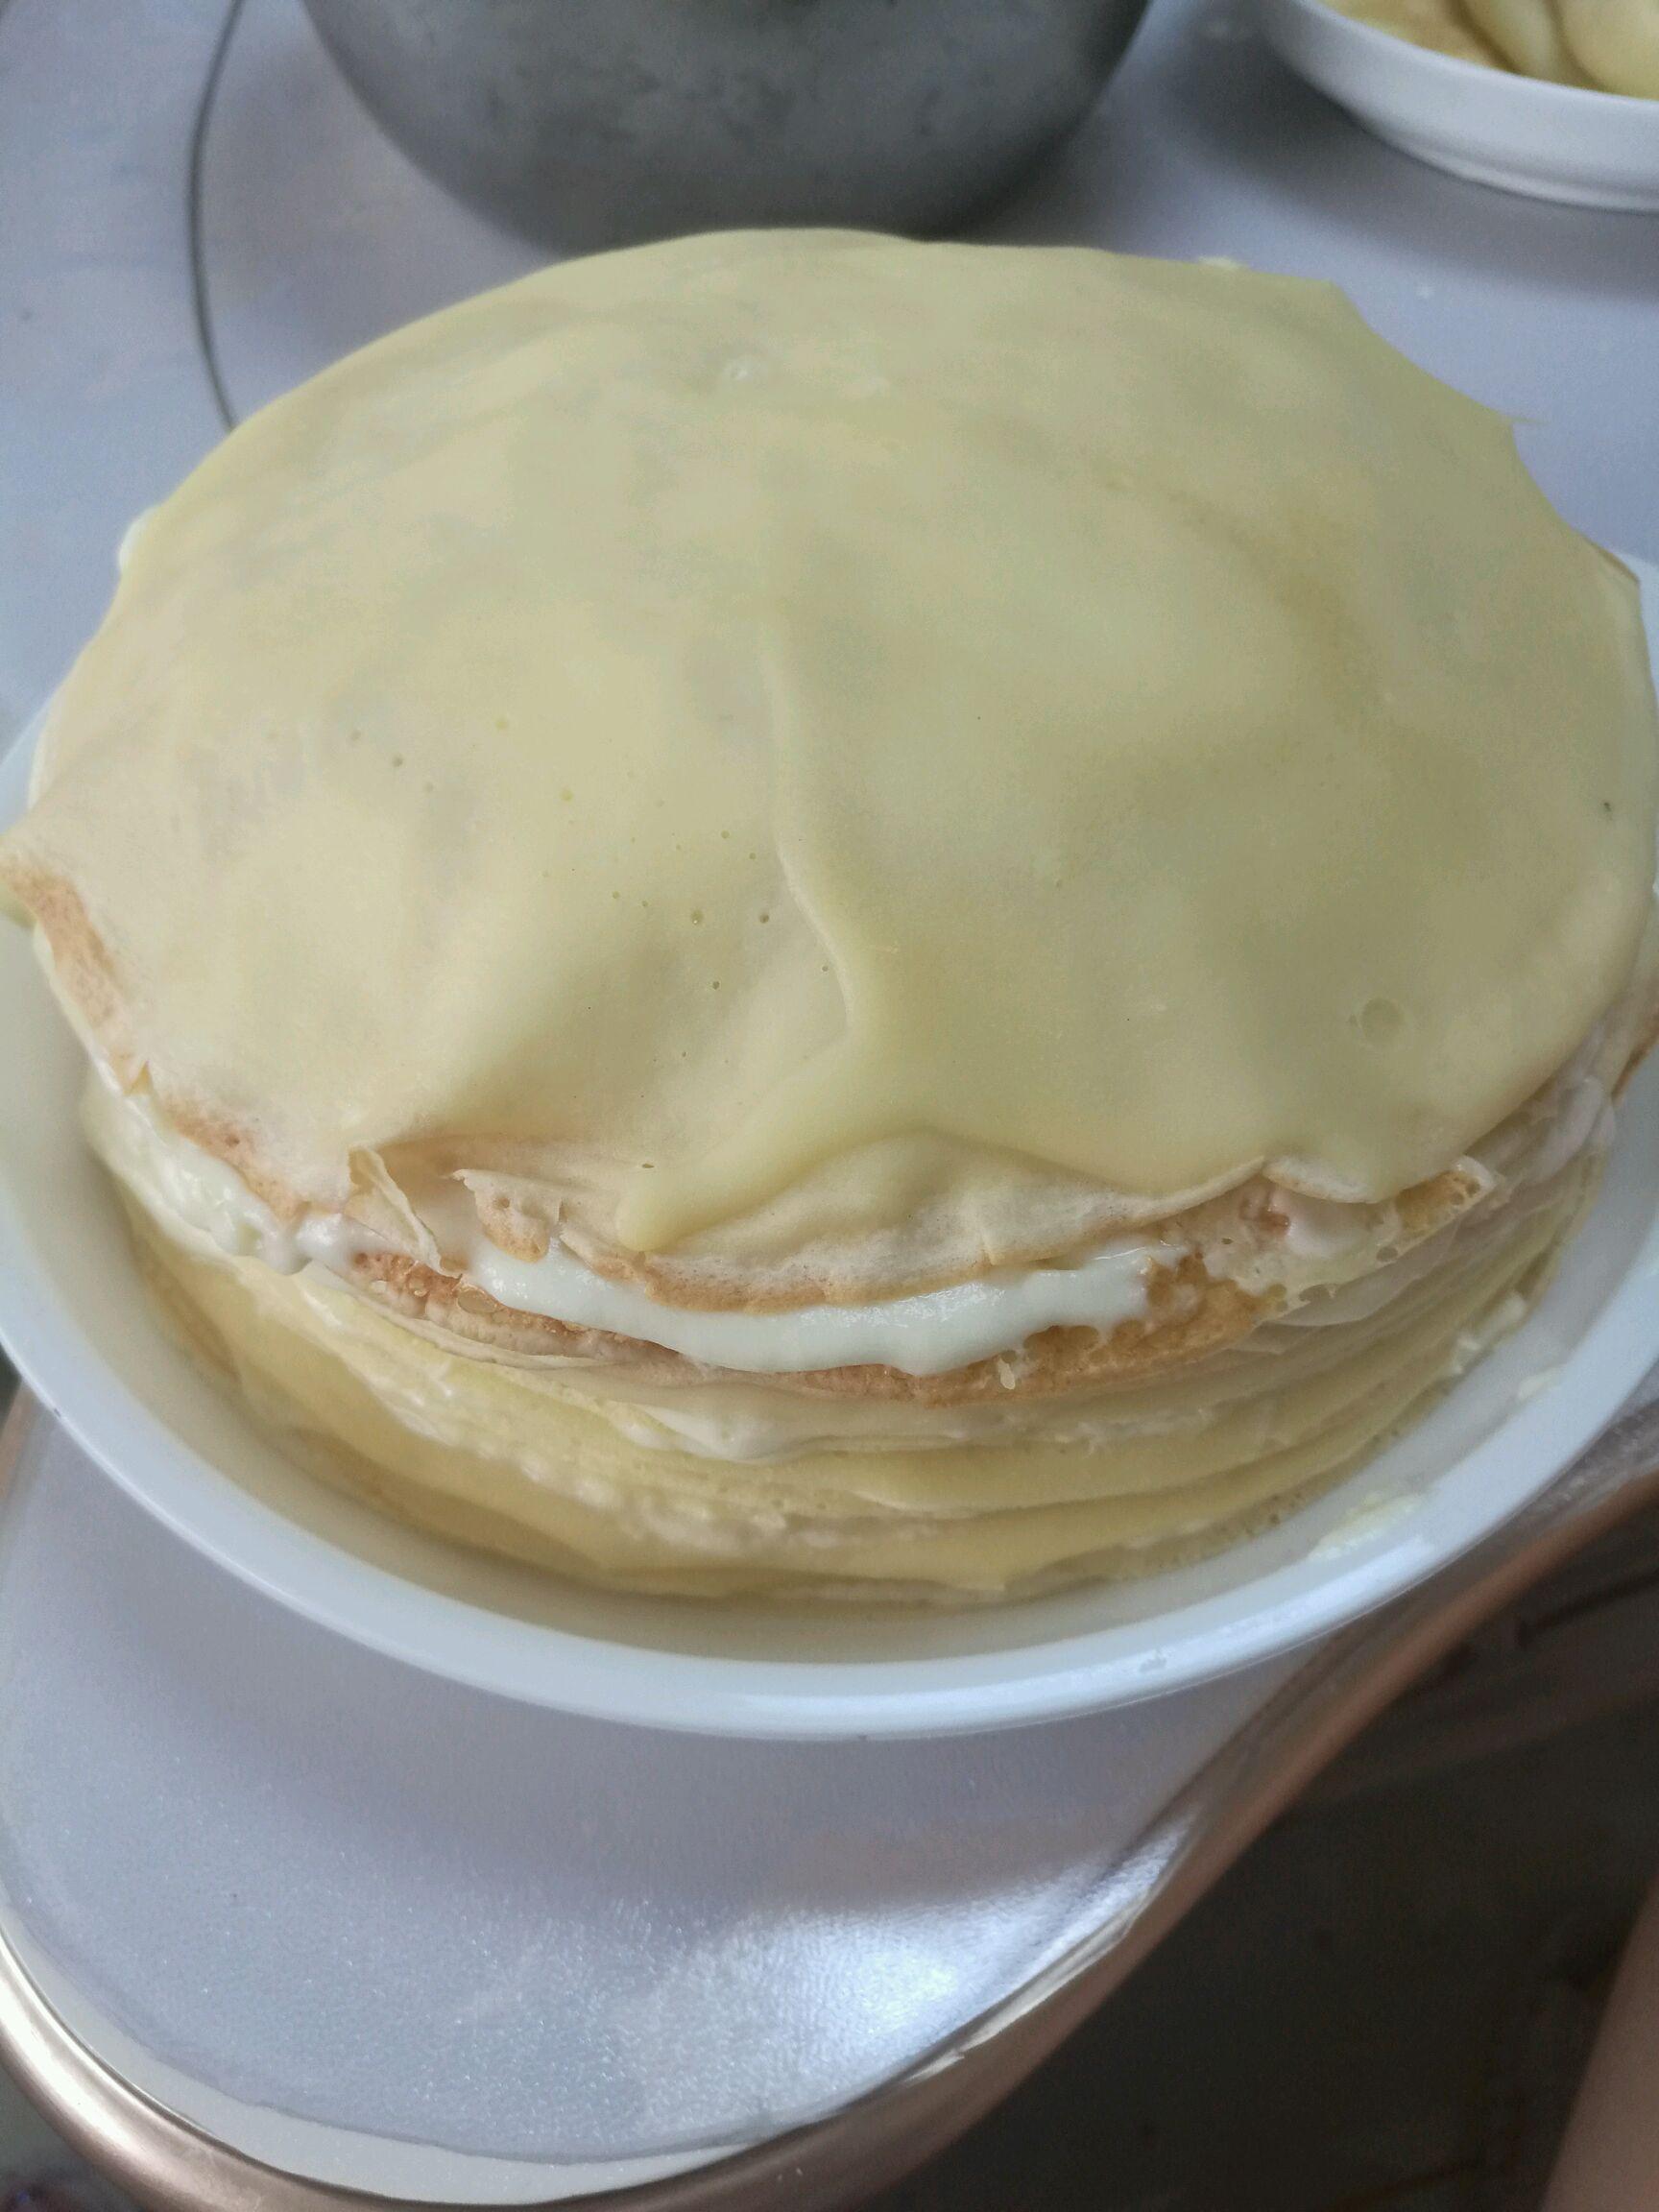 千层榴莲蛋糕的做法图解10